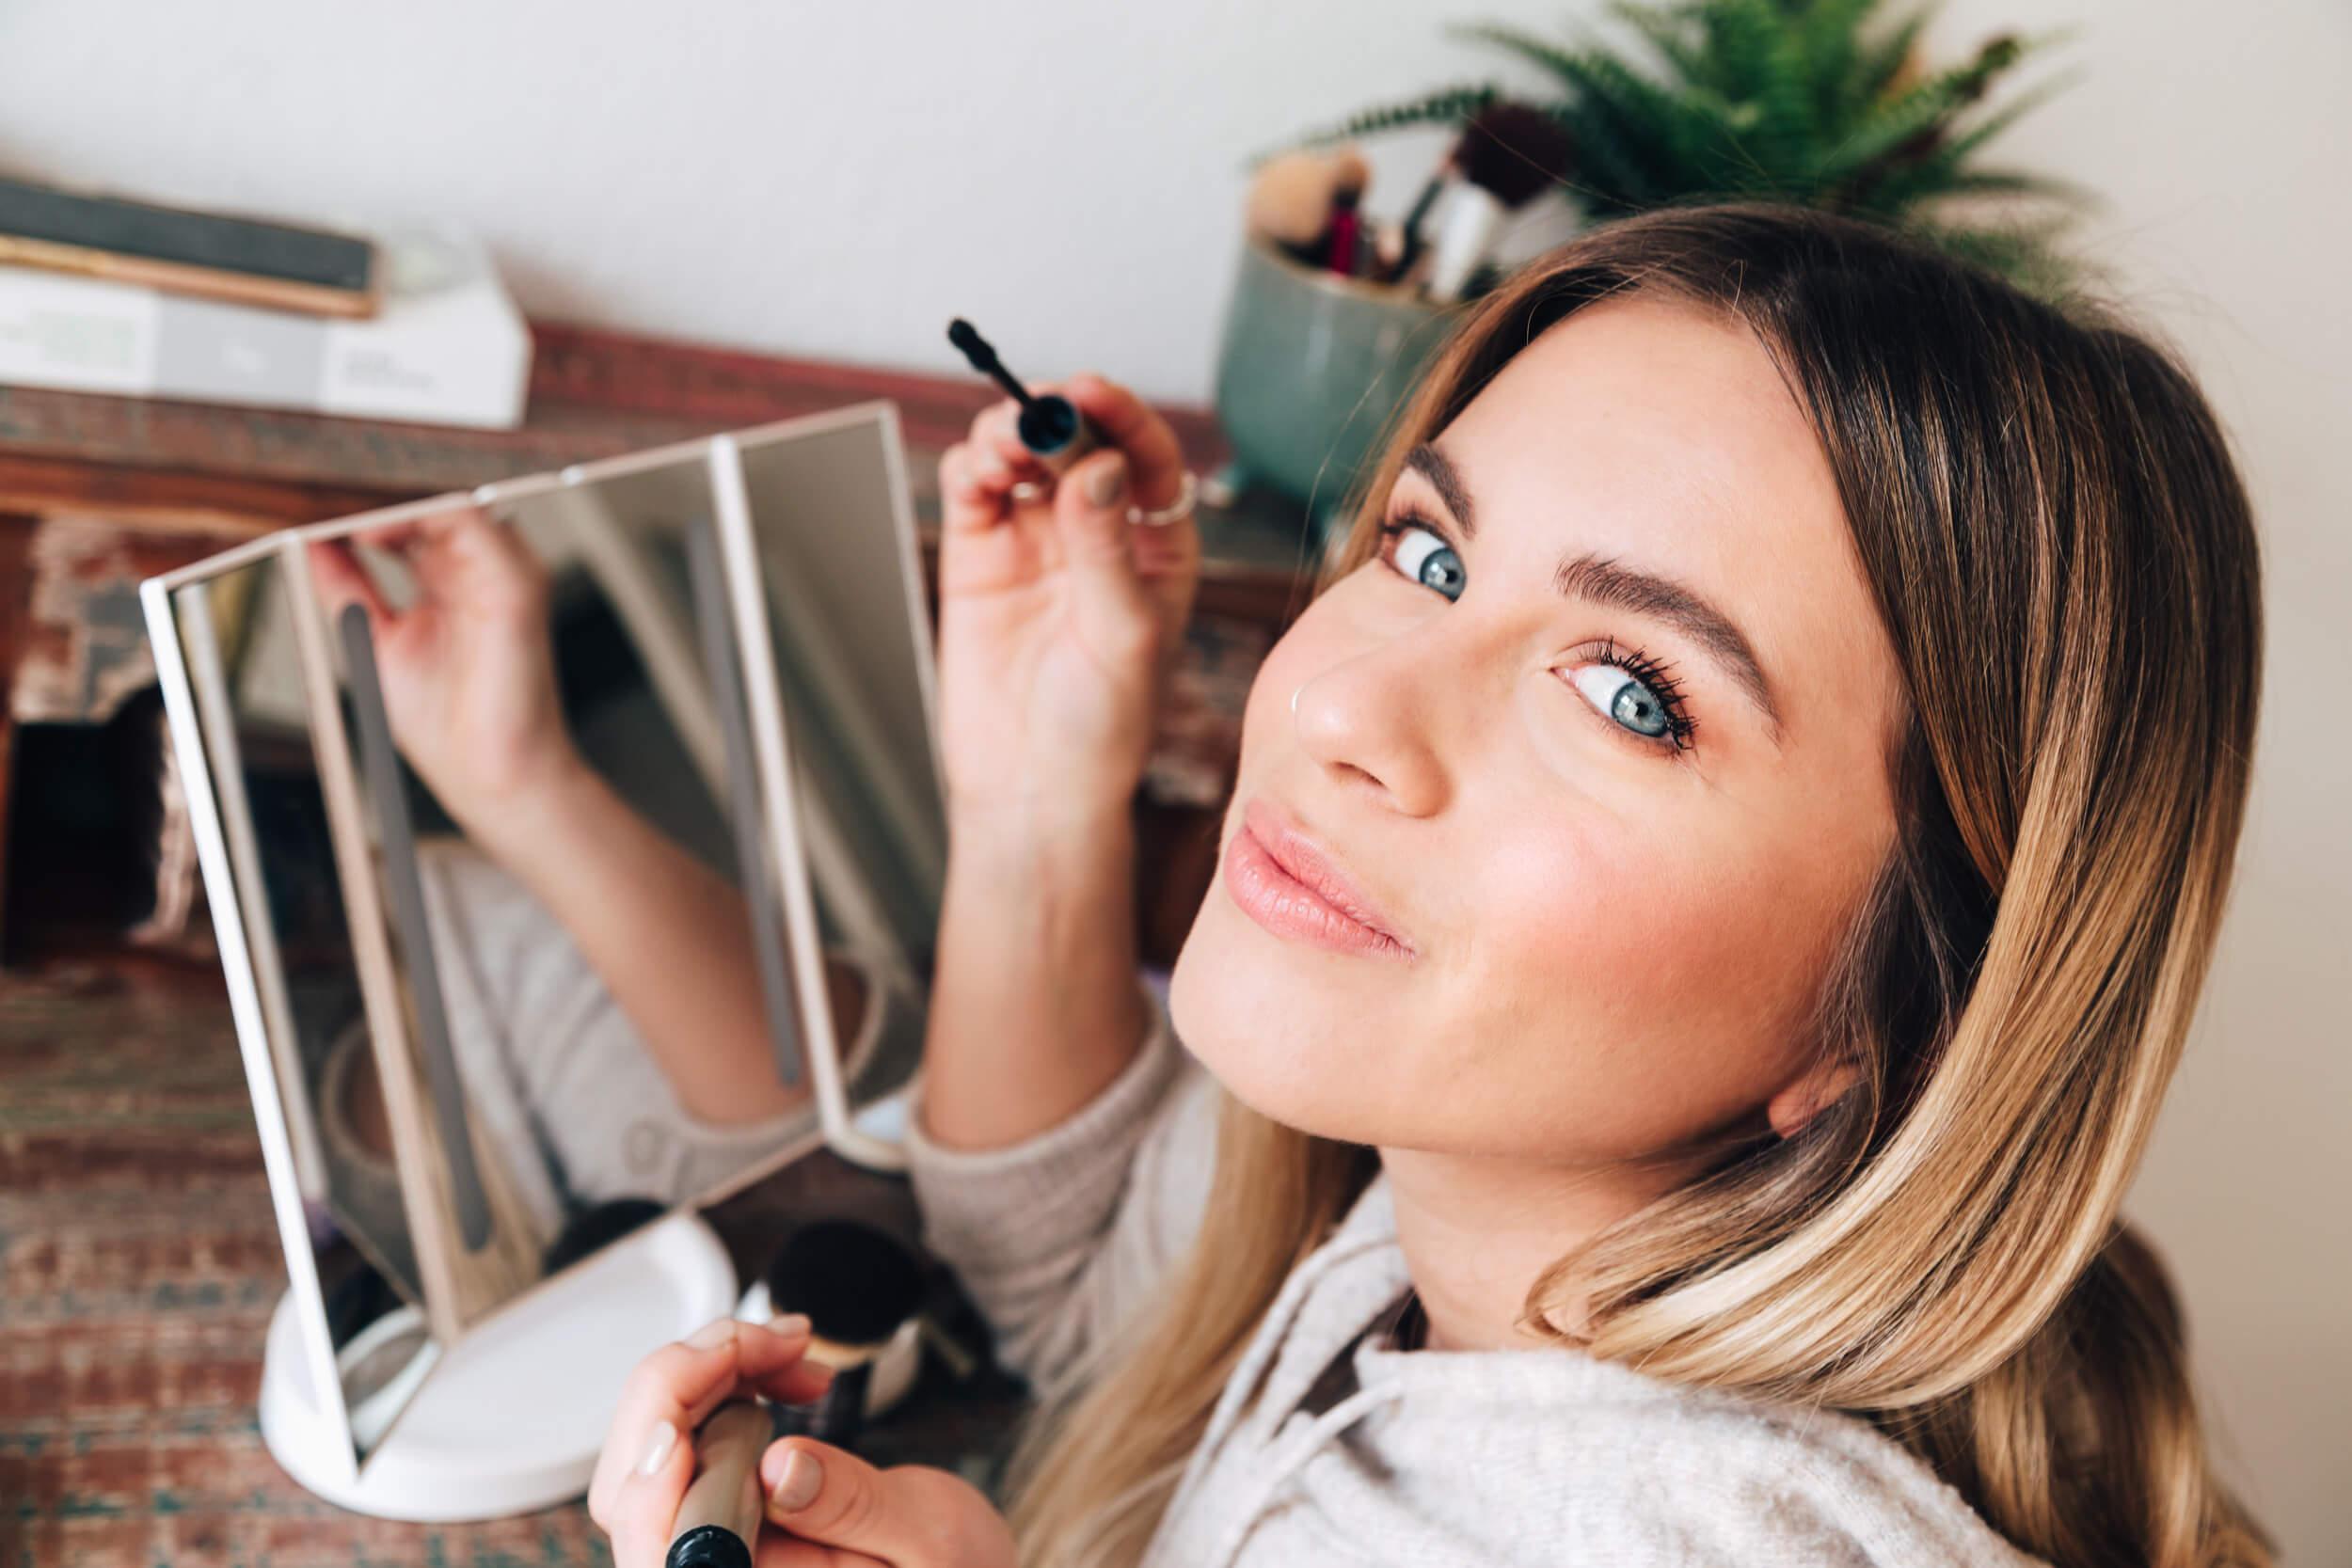 schaebens-nelas-beautytipps-morgenroutine-routine-pflege-gesichtspflege-seren-konzentrate